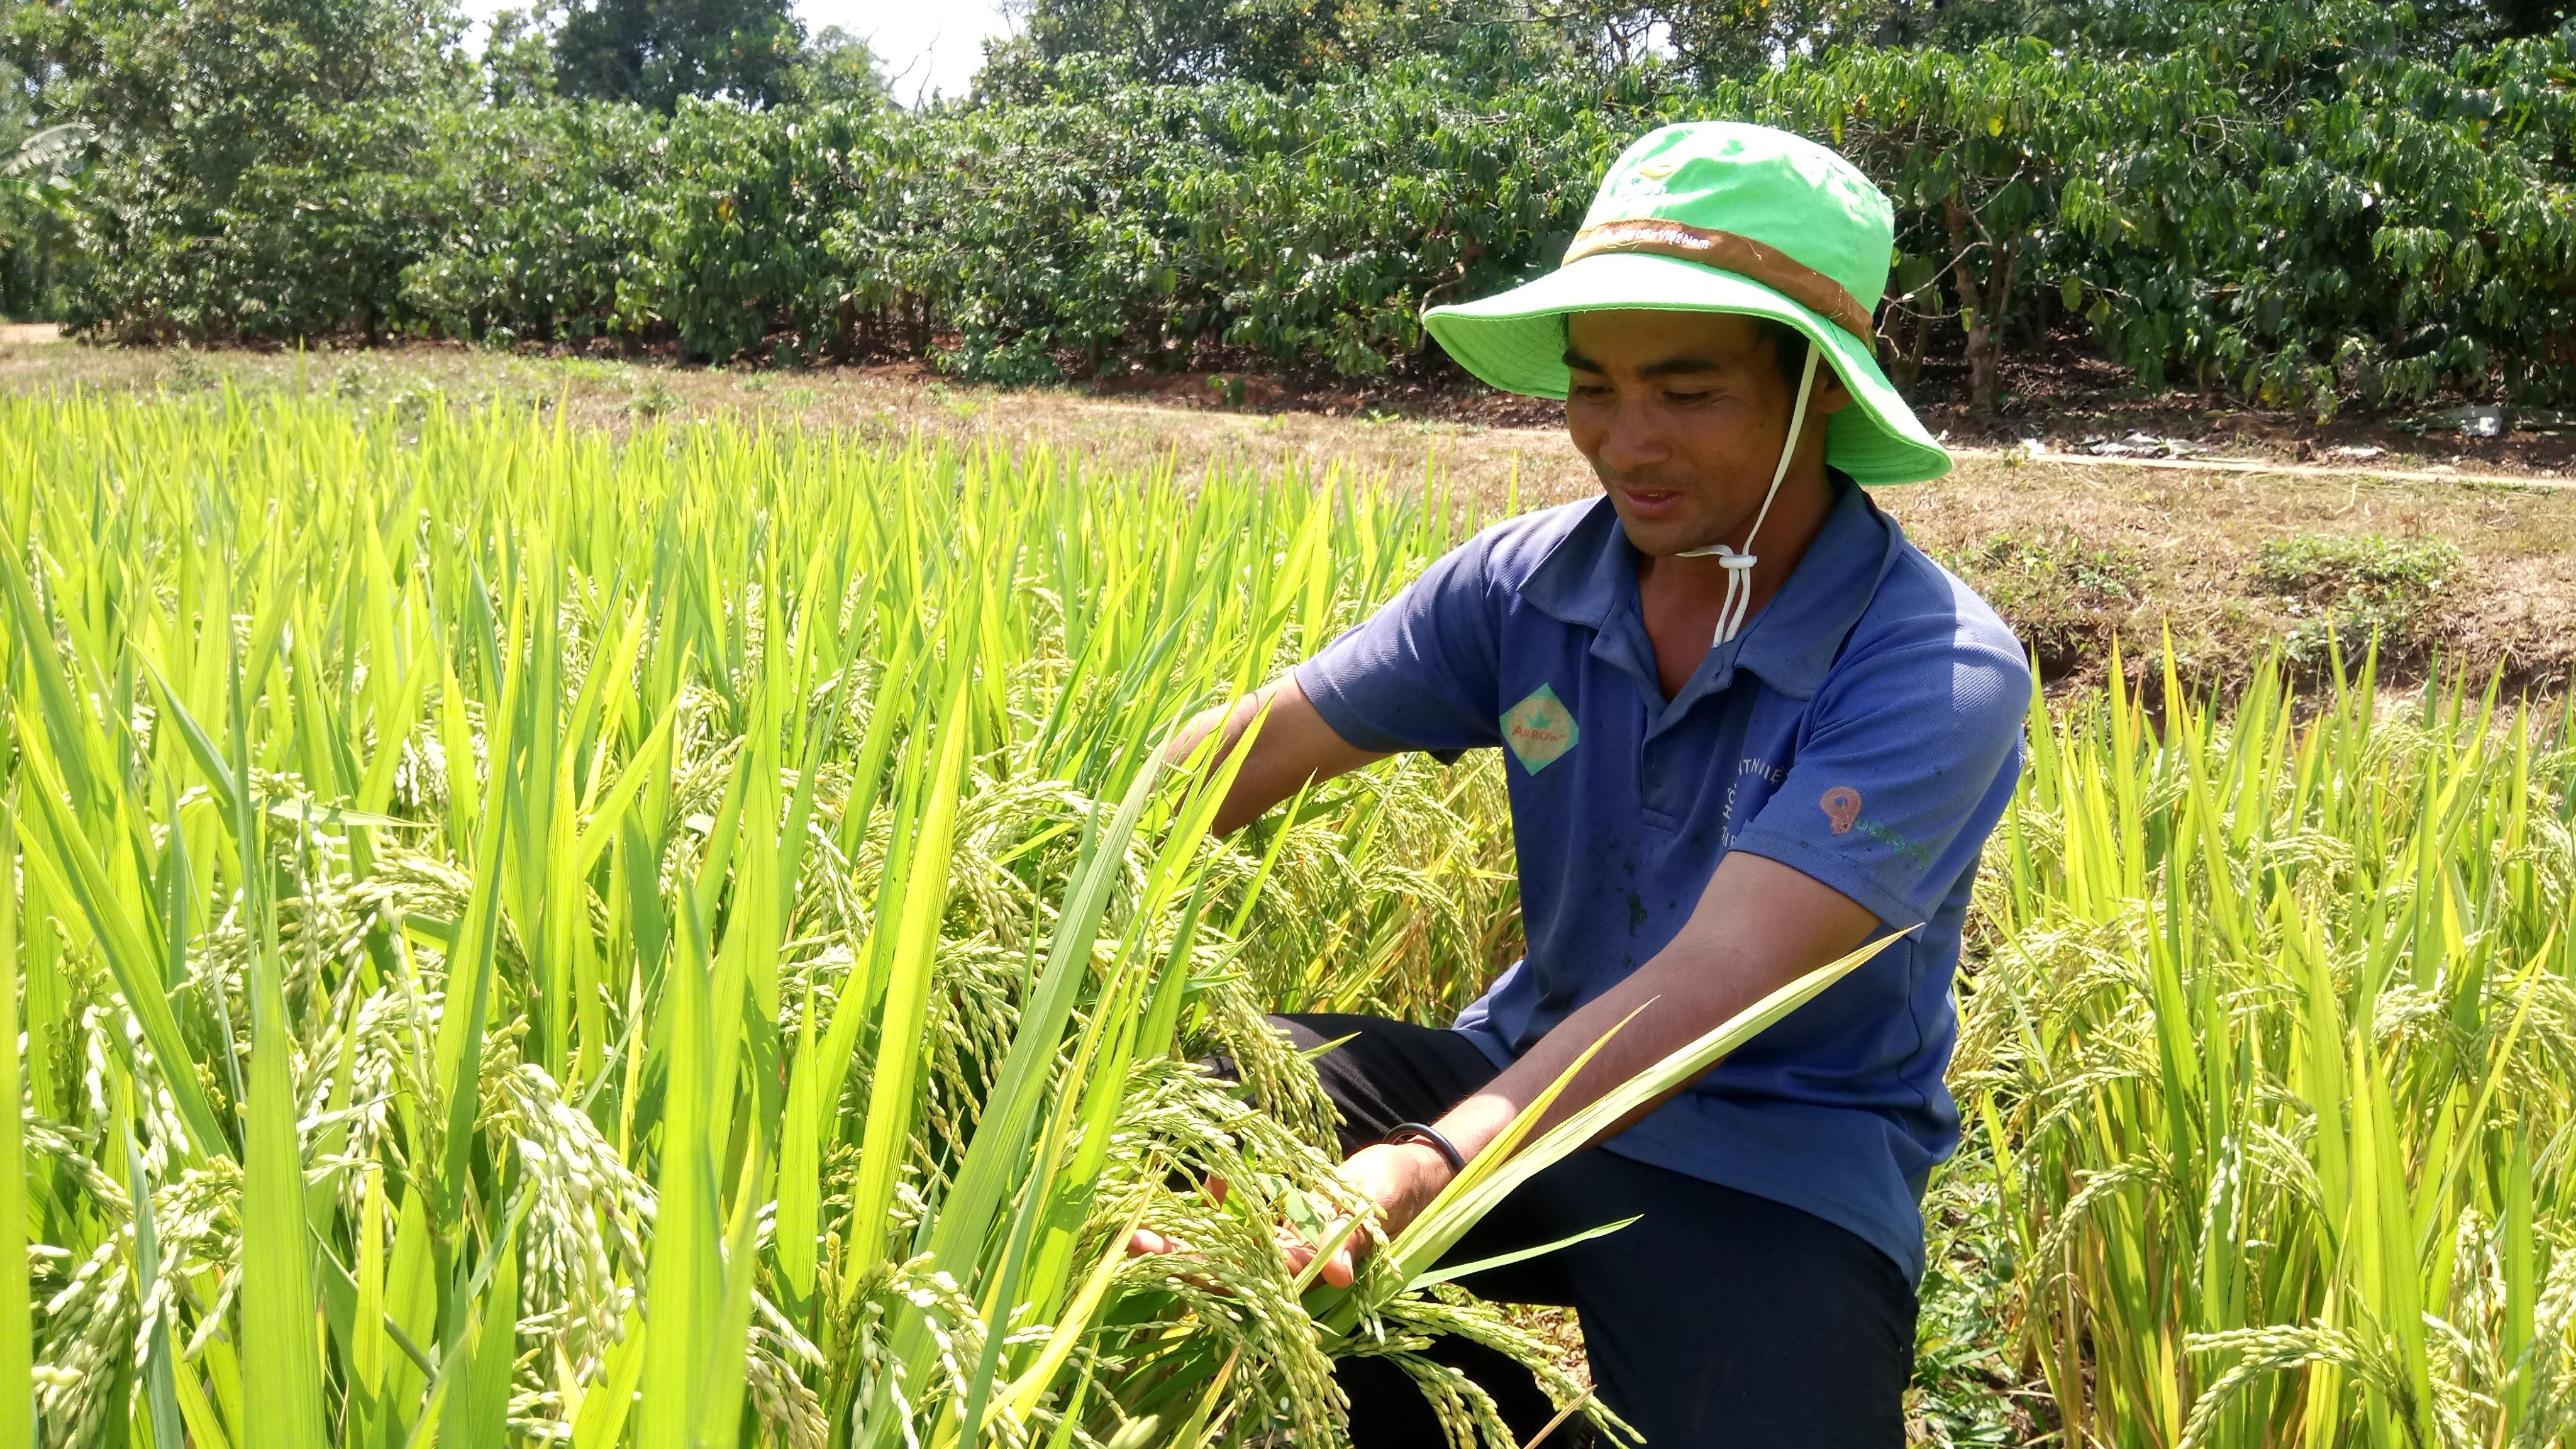 Khảo nghiệm thành công giống lúa thuần BC15 mở ra hướng đi mới trong việc chuyển đổi giống lúa nước ở huyện Cư M'gar